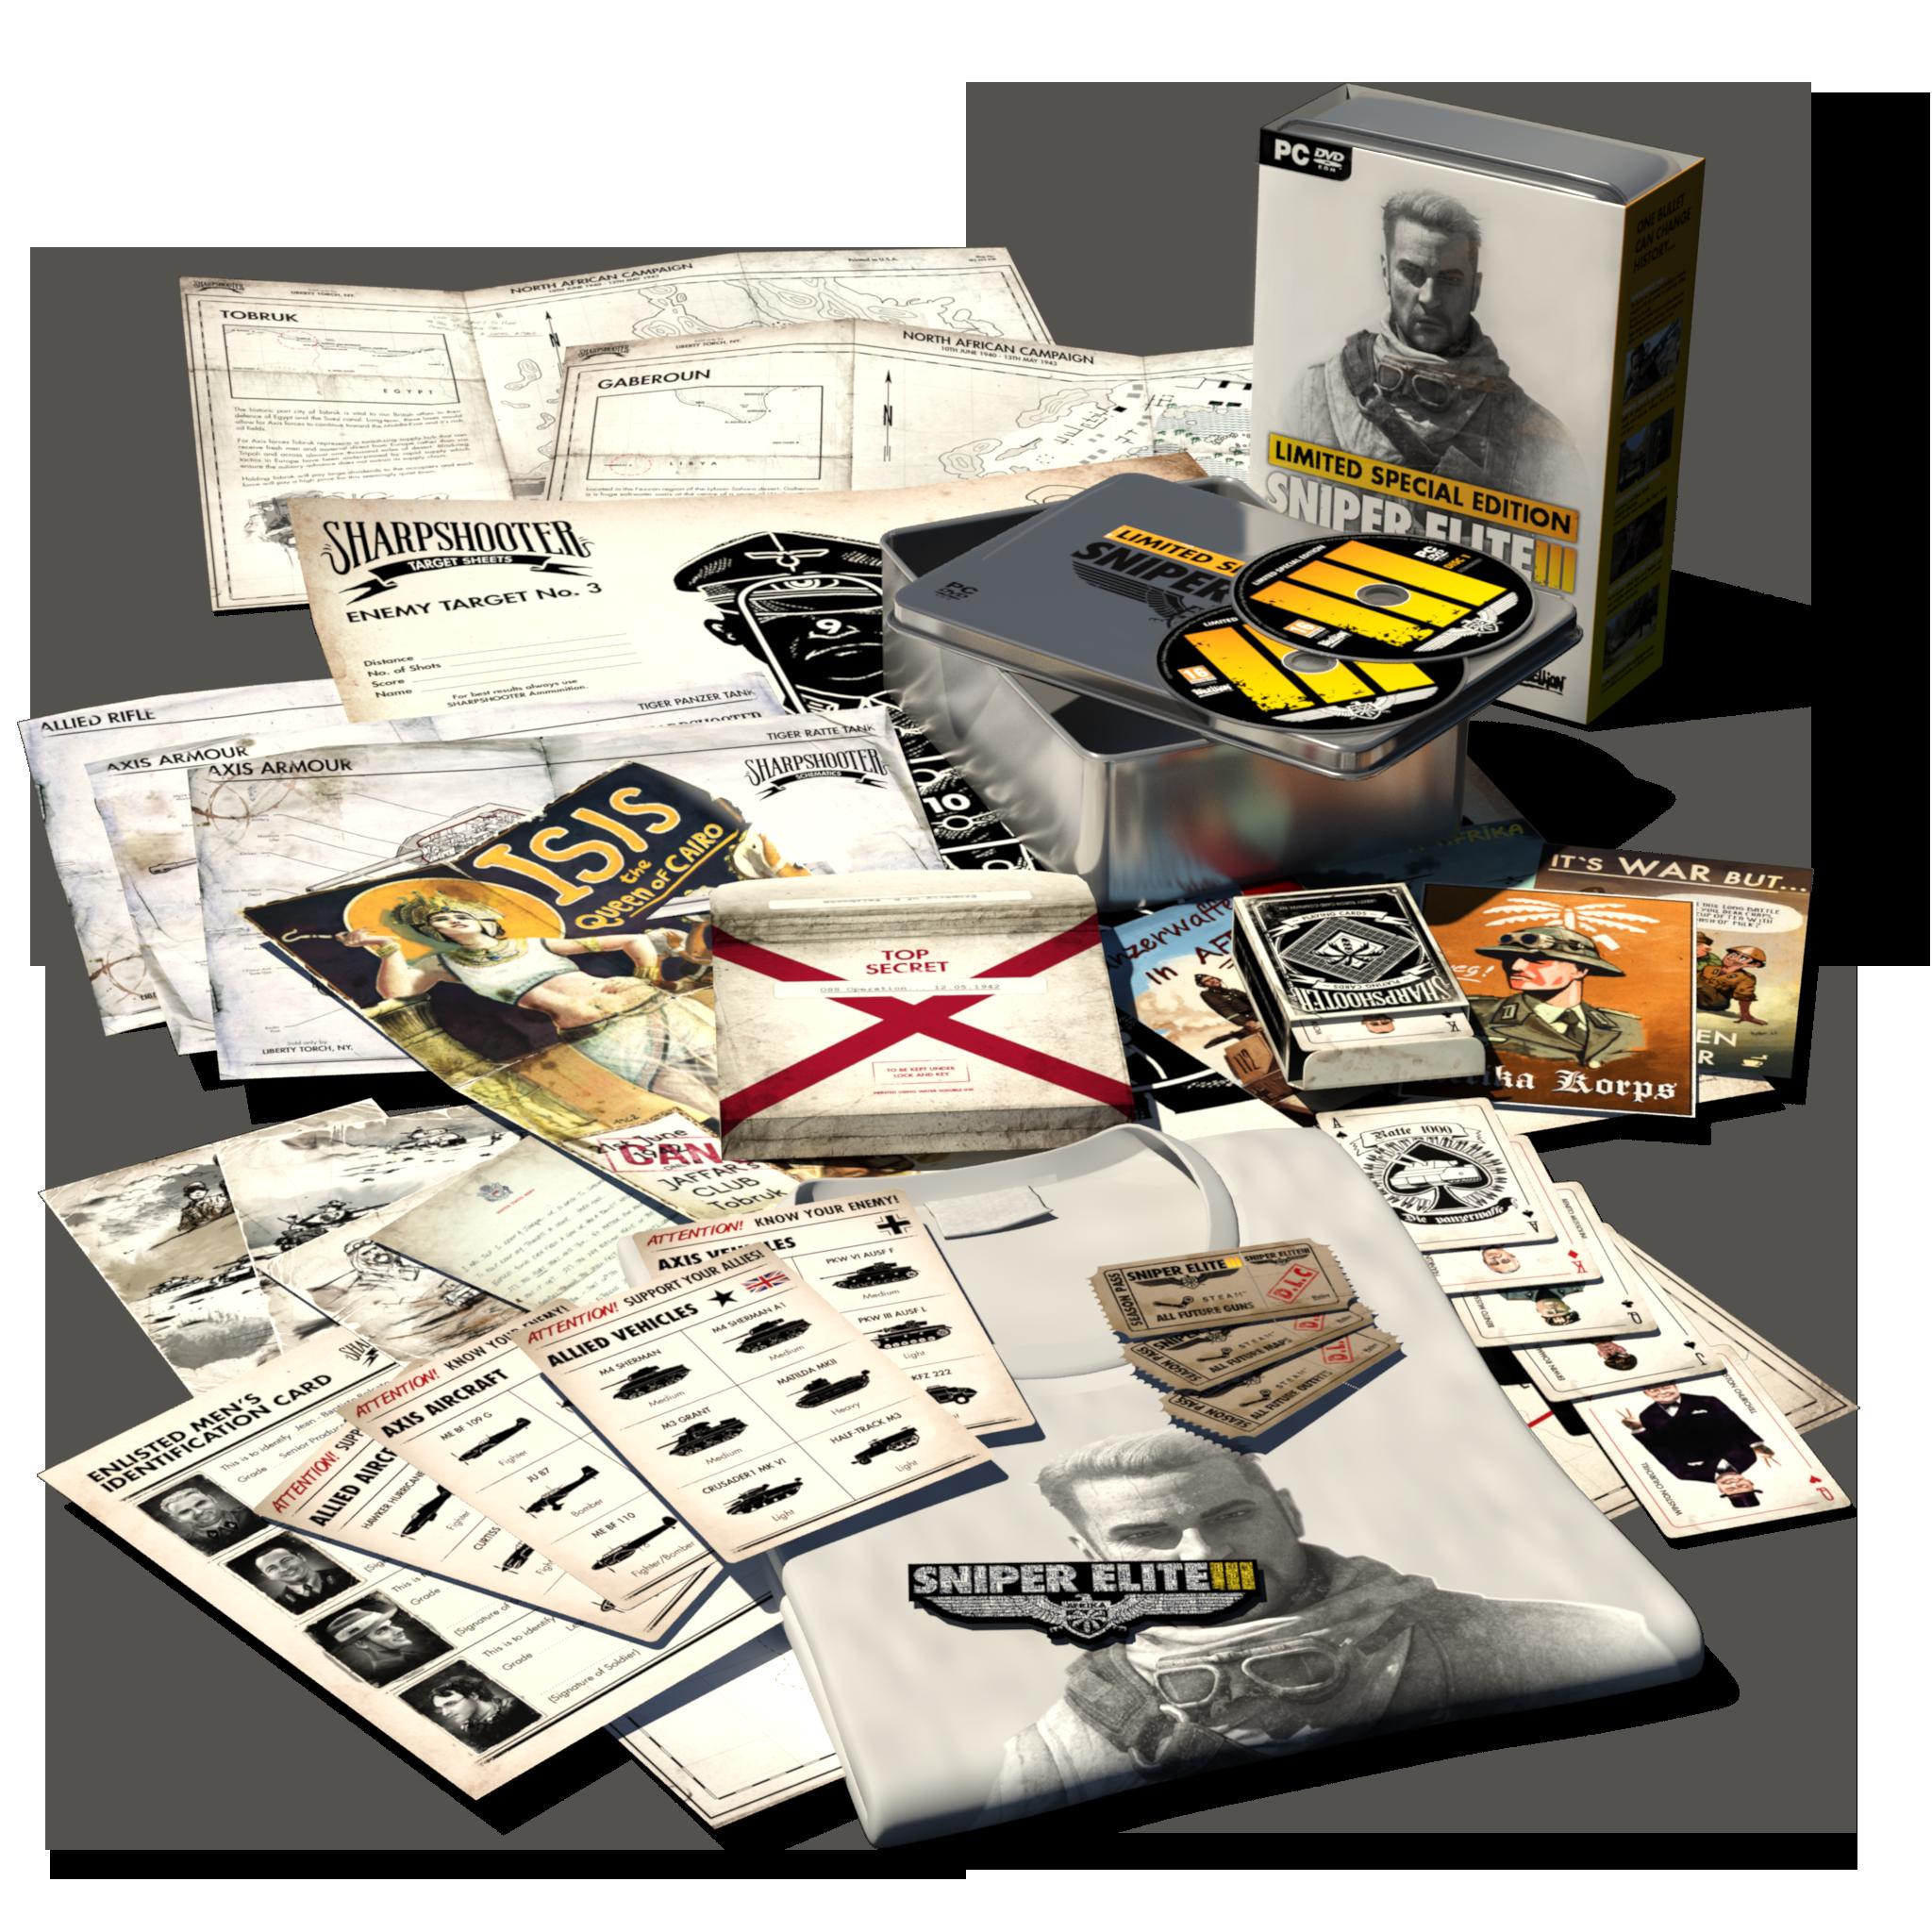 Sniper Elite III special edition